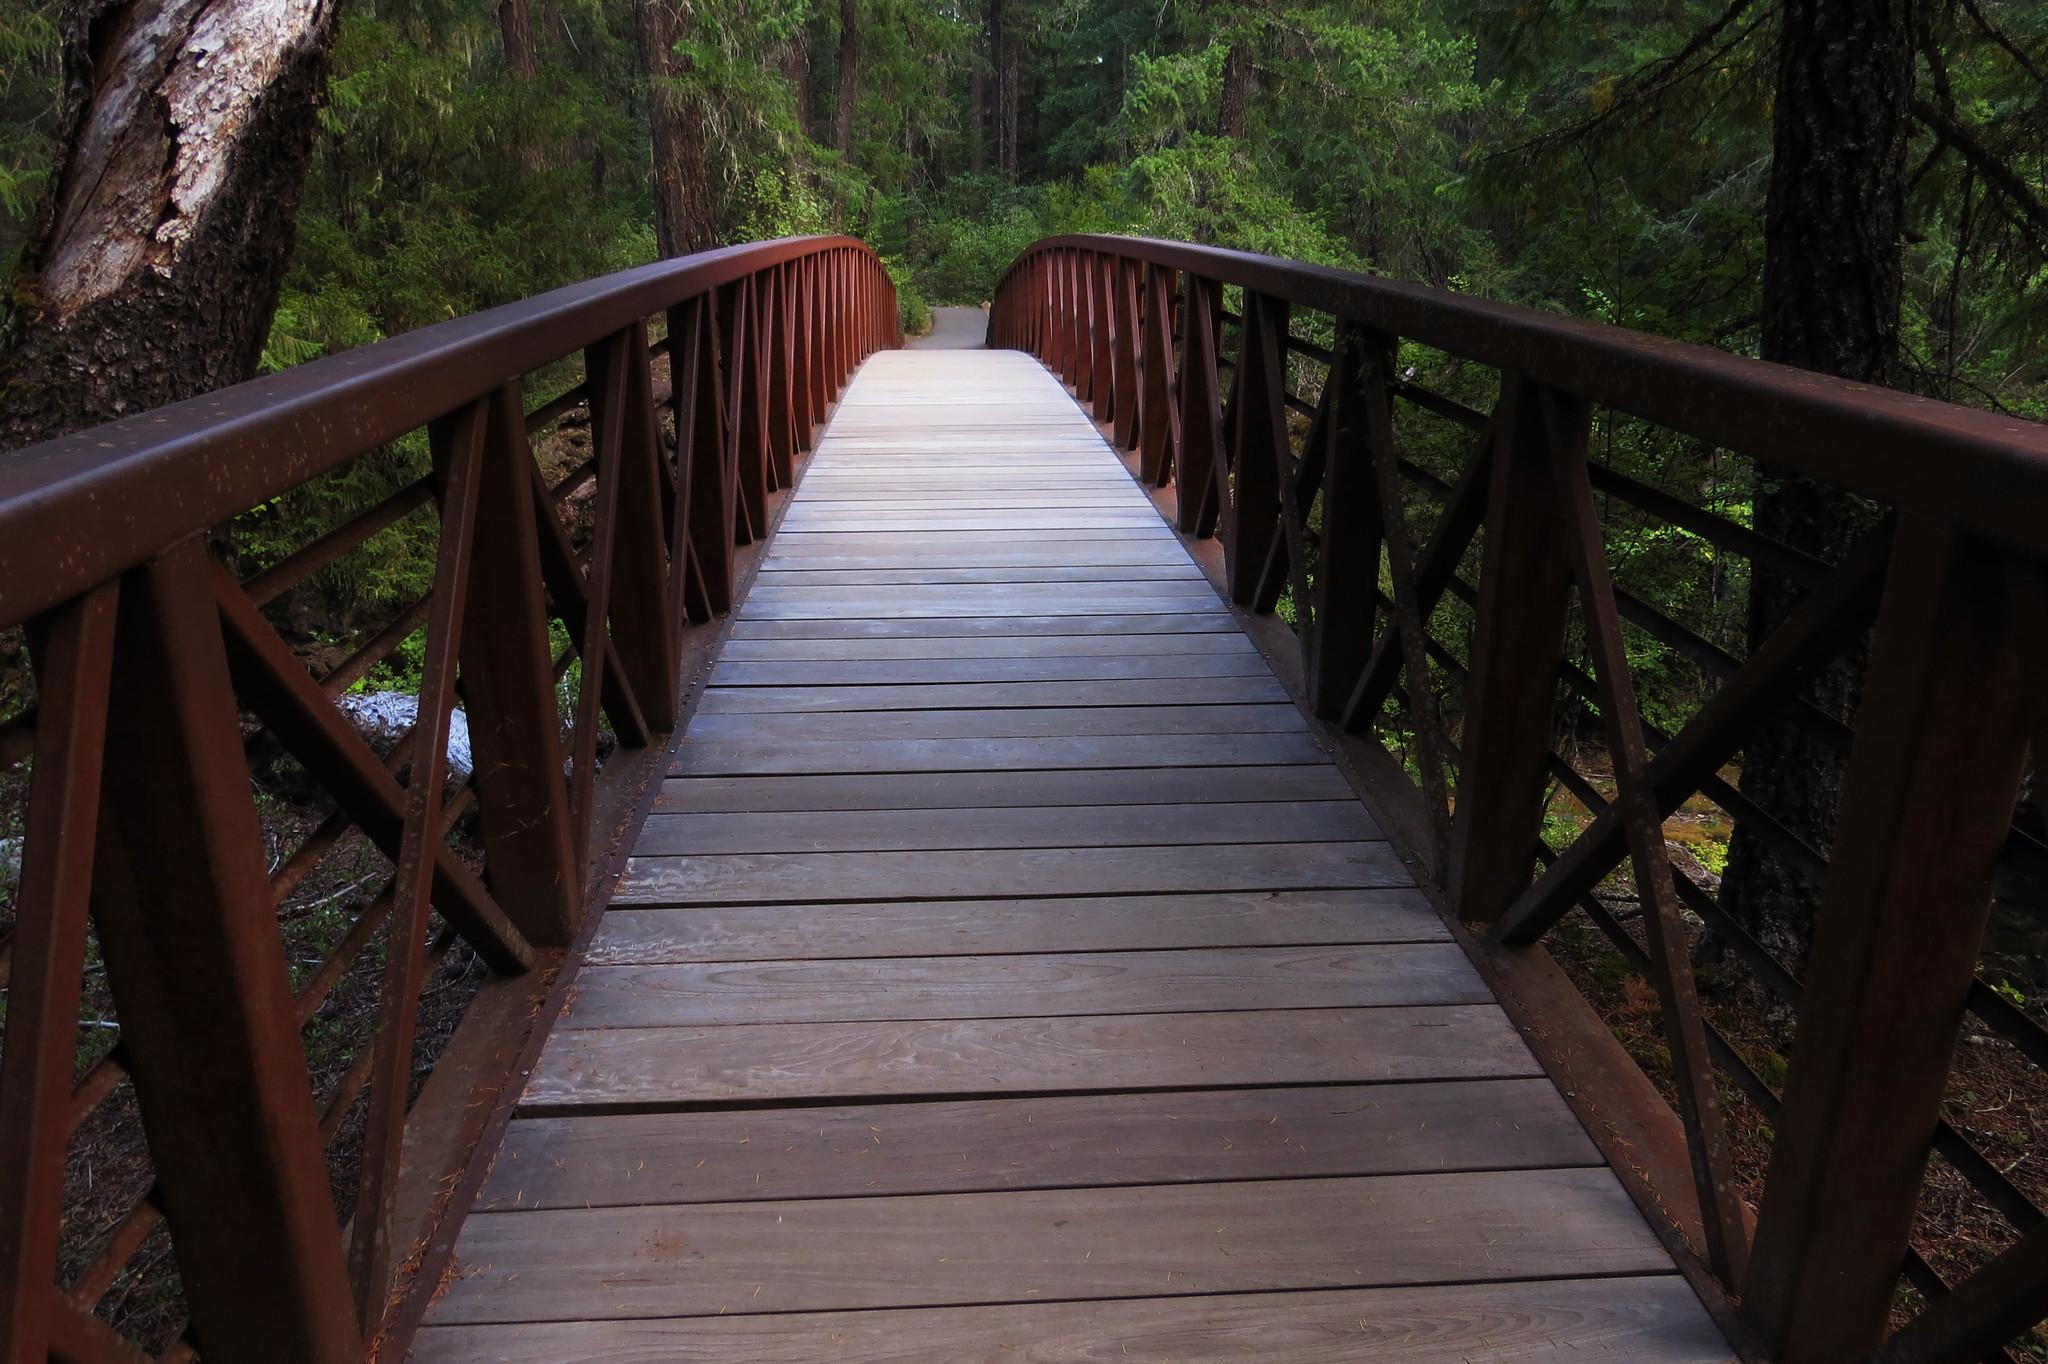 Bridge, Rogue River, Oregon